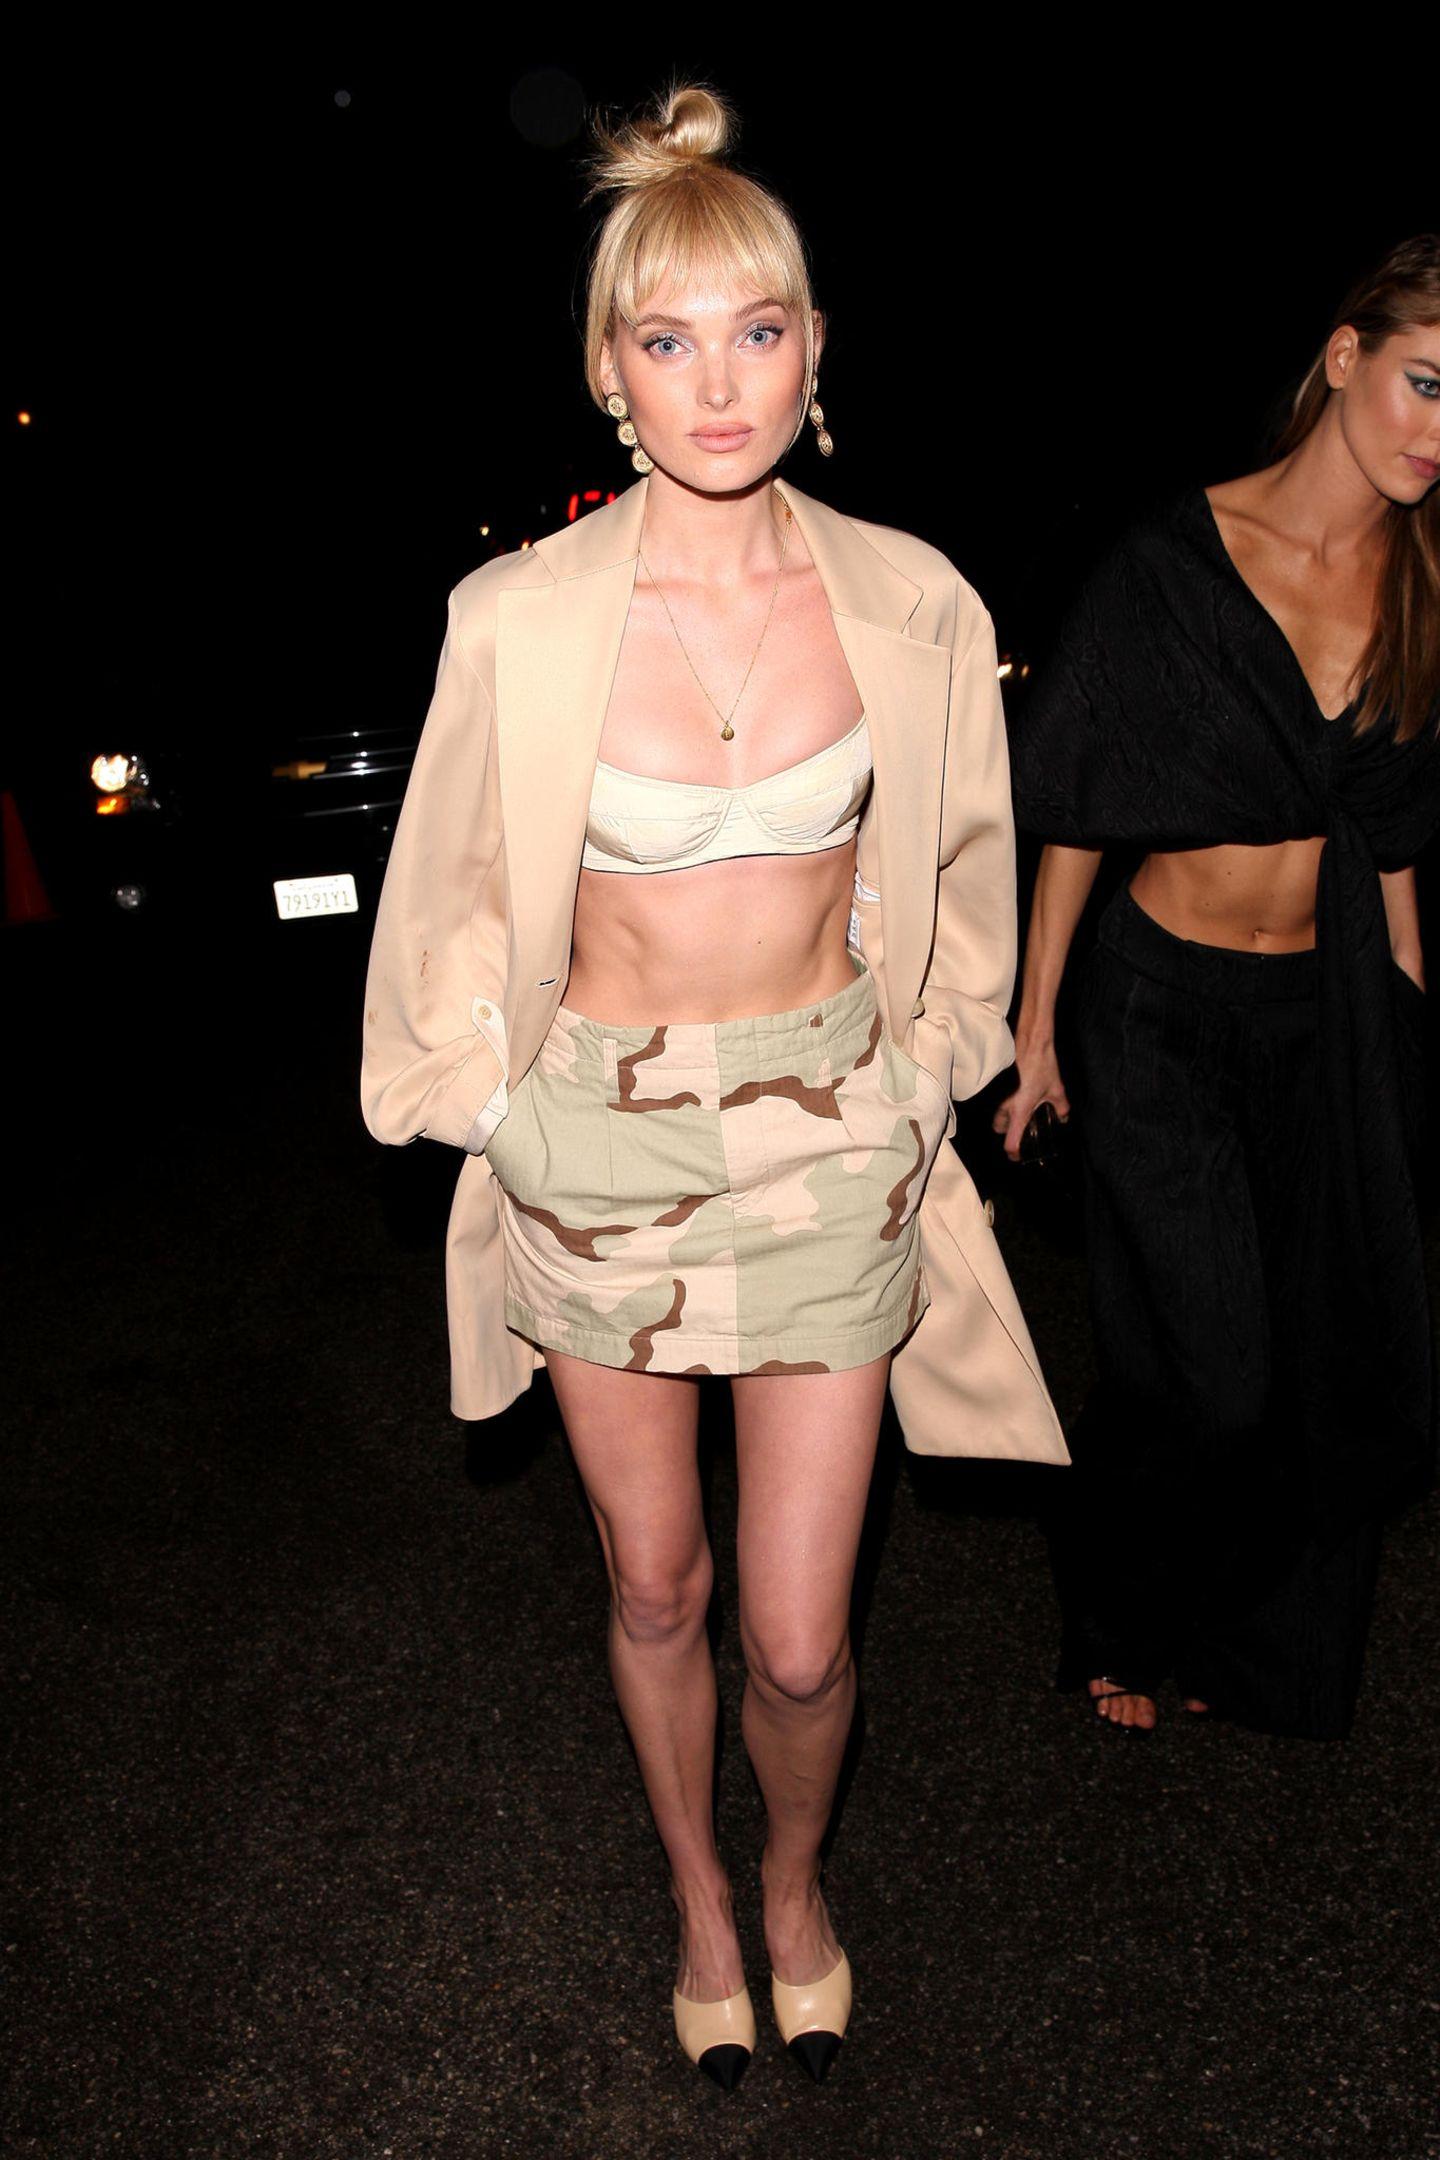 WME's Pre-Oscar Soiree  Wenn selbst XS locker sitzt: Model Elsa Hosks Outfit ist stimmig, ihre sehr schlanke Silhouette hingegen ist eher bedenklich.